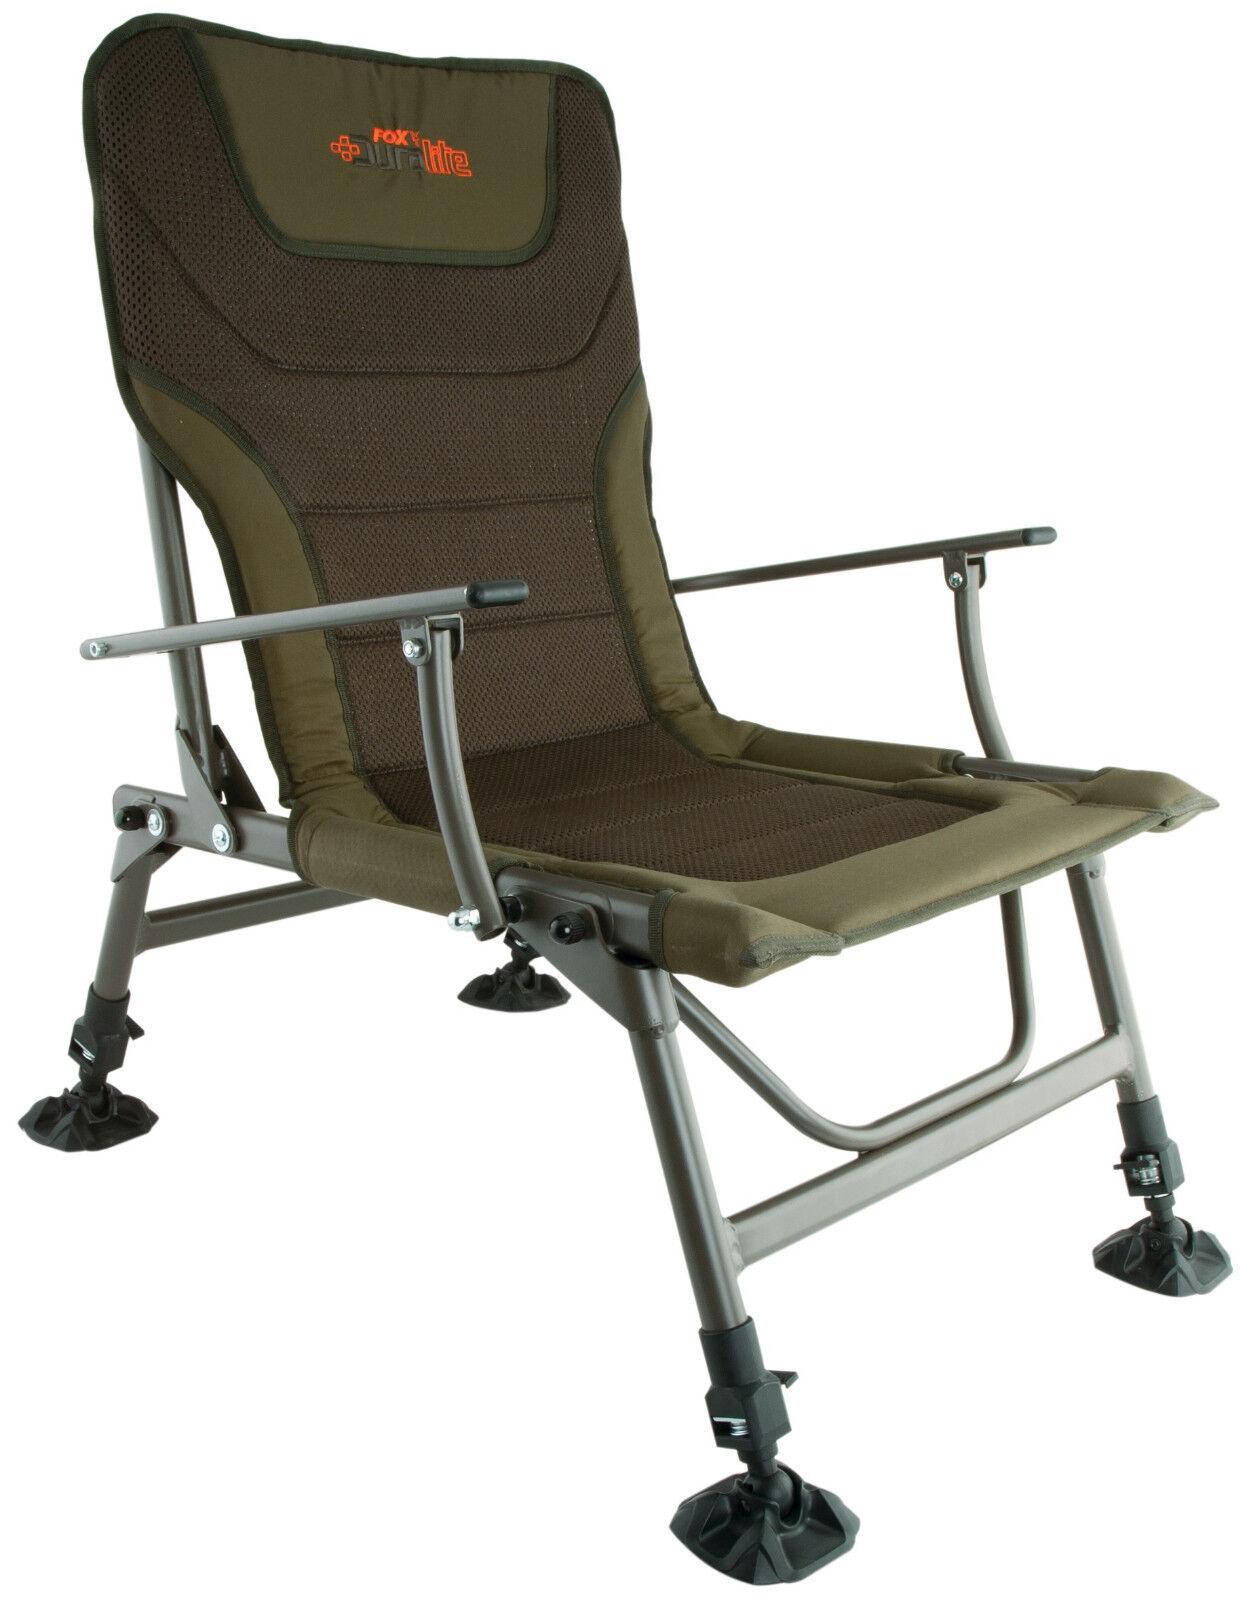 Fox Duralite chair cbc059 Carpe Chaise siège carpchair chair Angel chaise